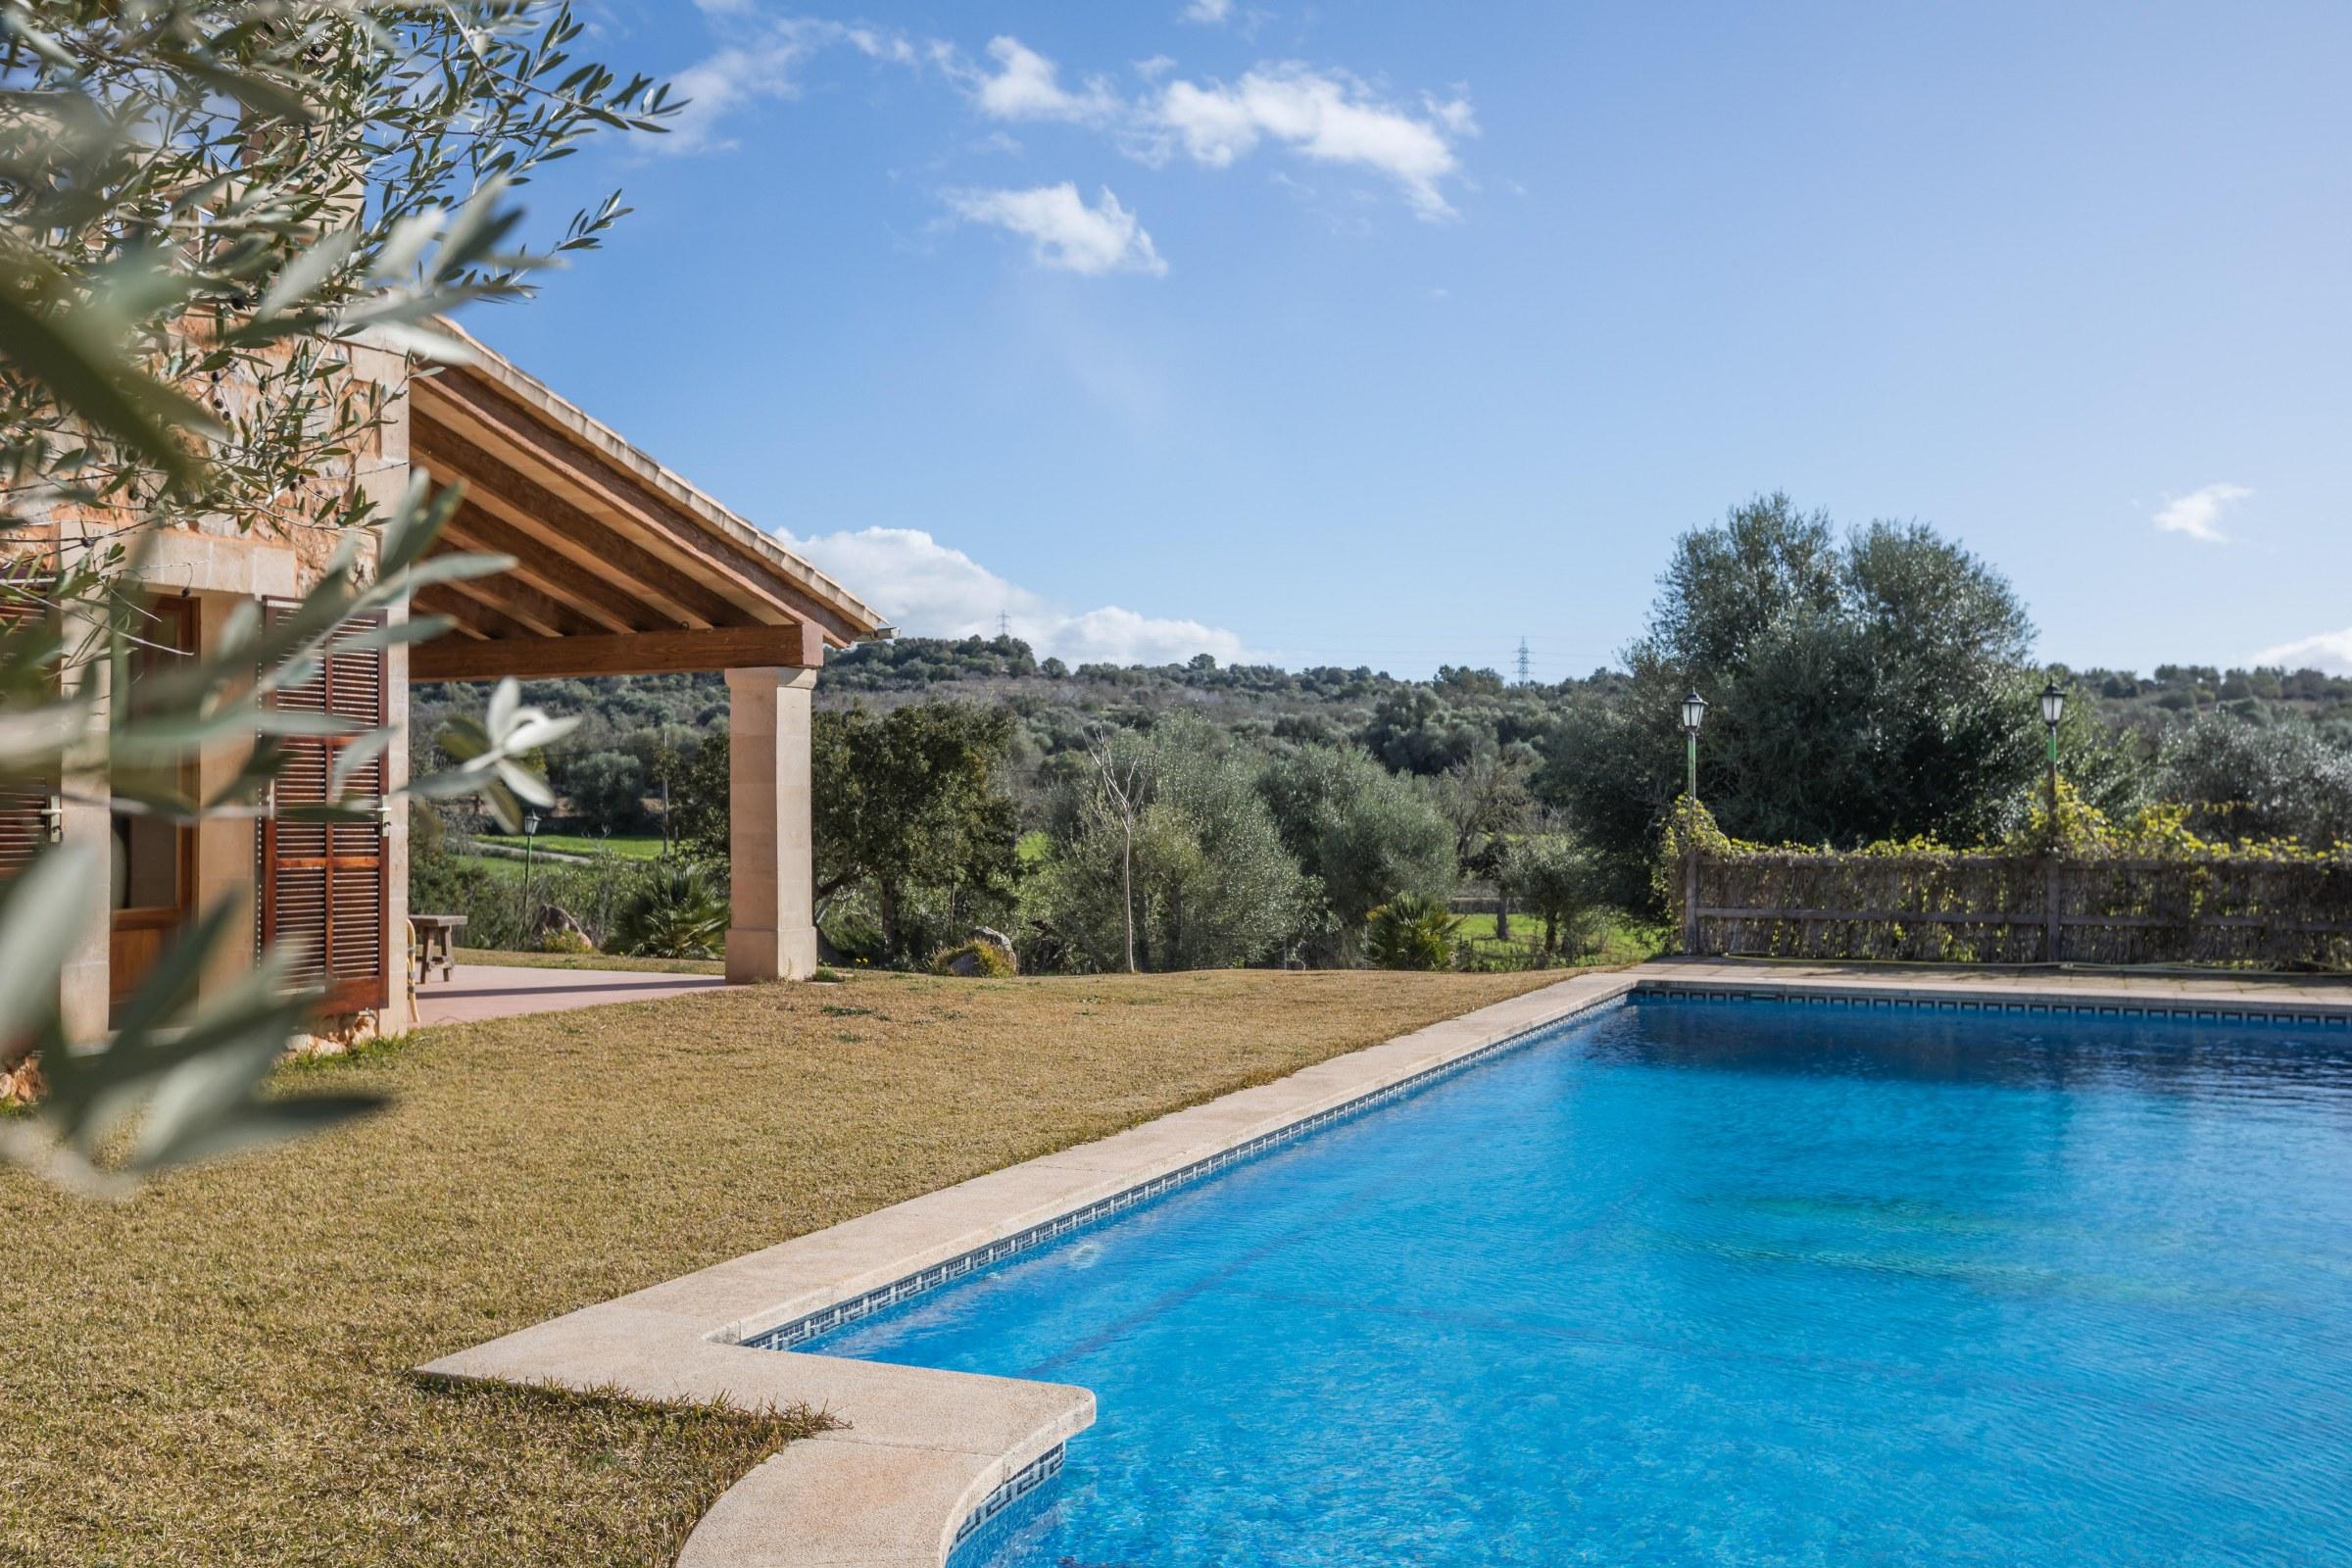 Großer Pool finca mallorca porreres 10 personen grosser pool moderne ausstattung